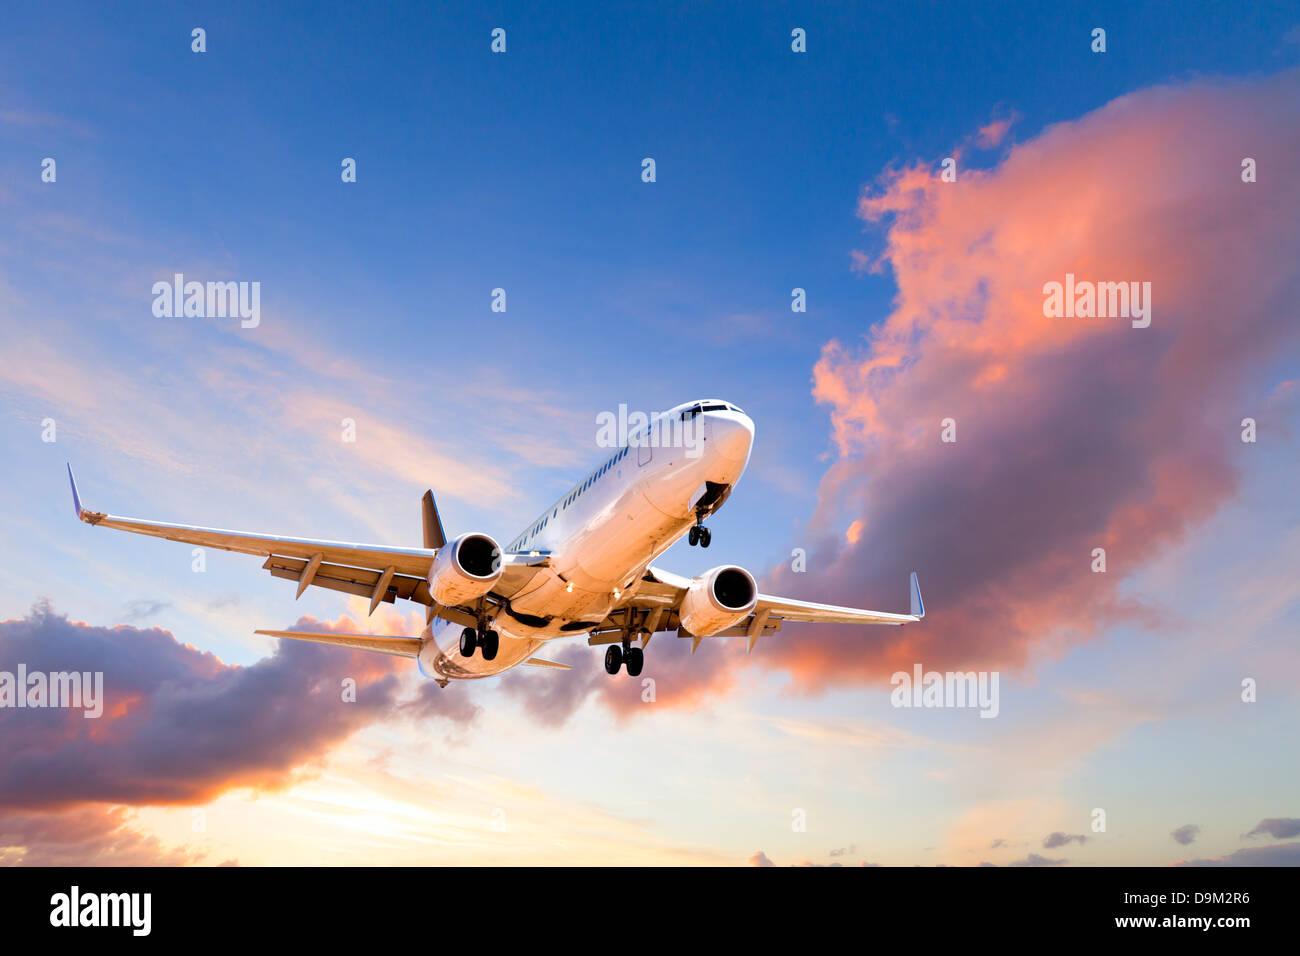 En venant de l'avion à la terre au coucher du soleil - Boeing 737 en venant à la terre au coucher Photo Stock